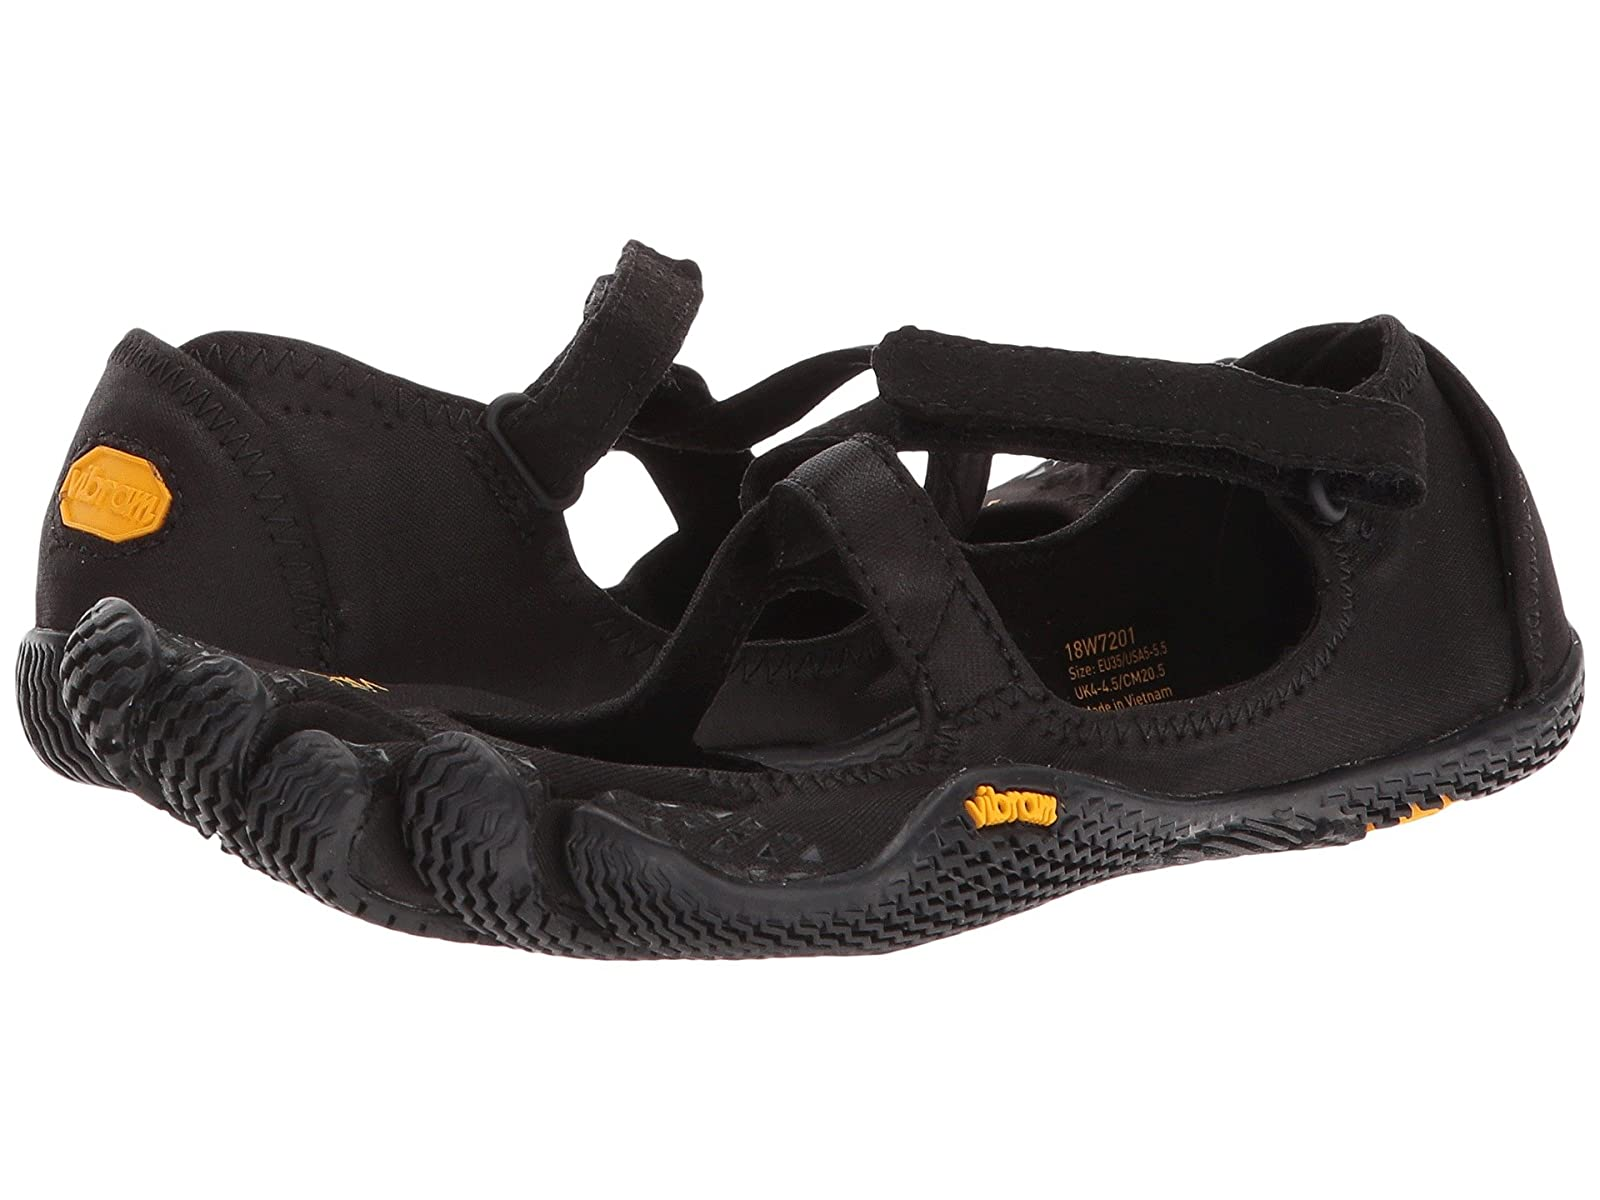 Vibram FiveFingers V-SoulAtmospheric grades have affordable shoes